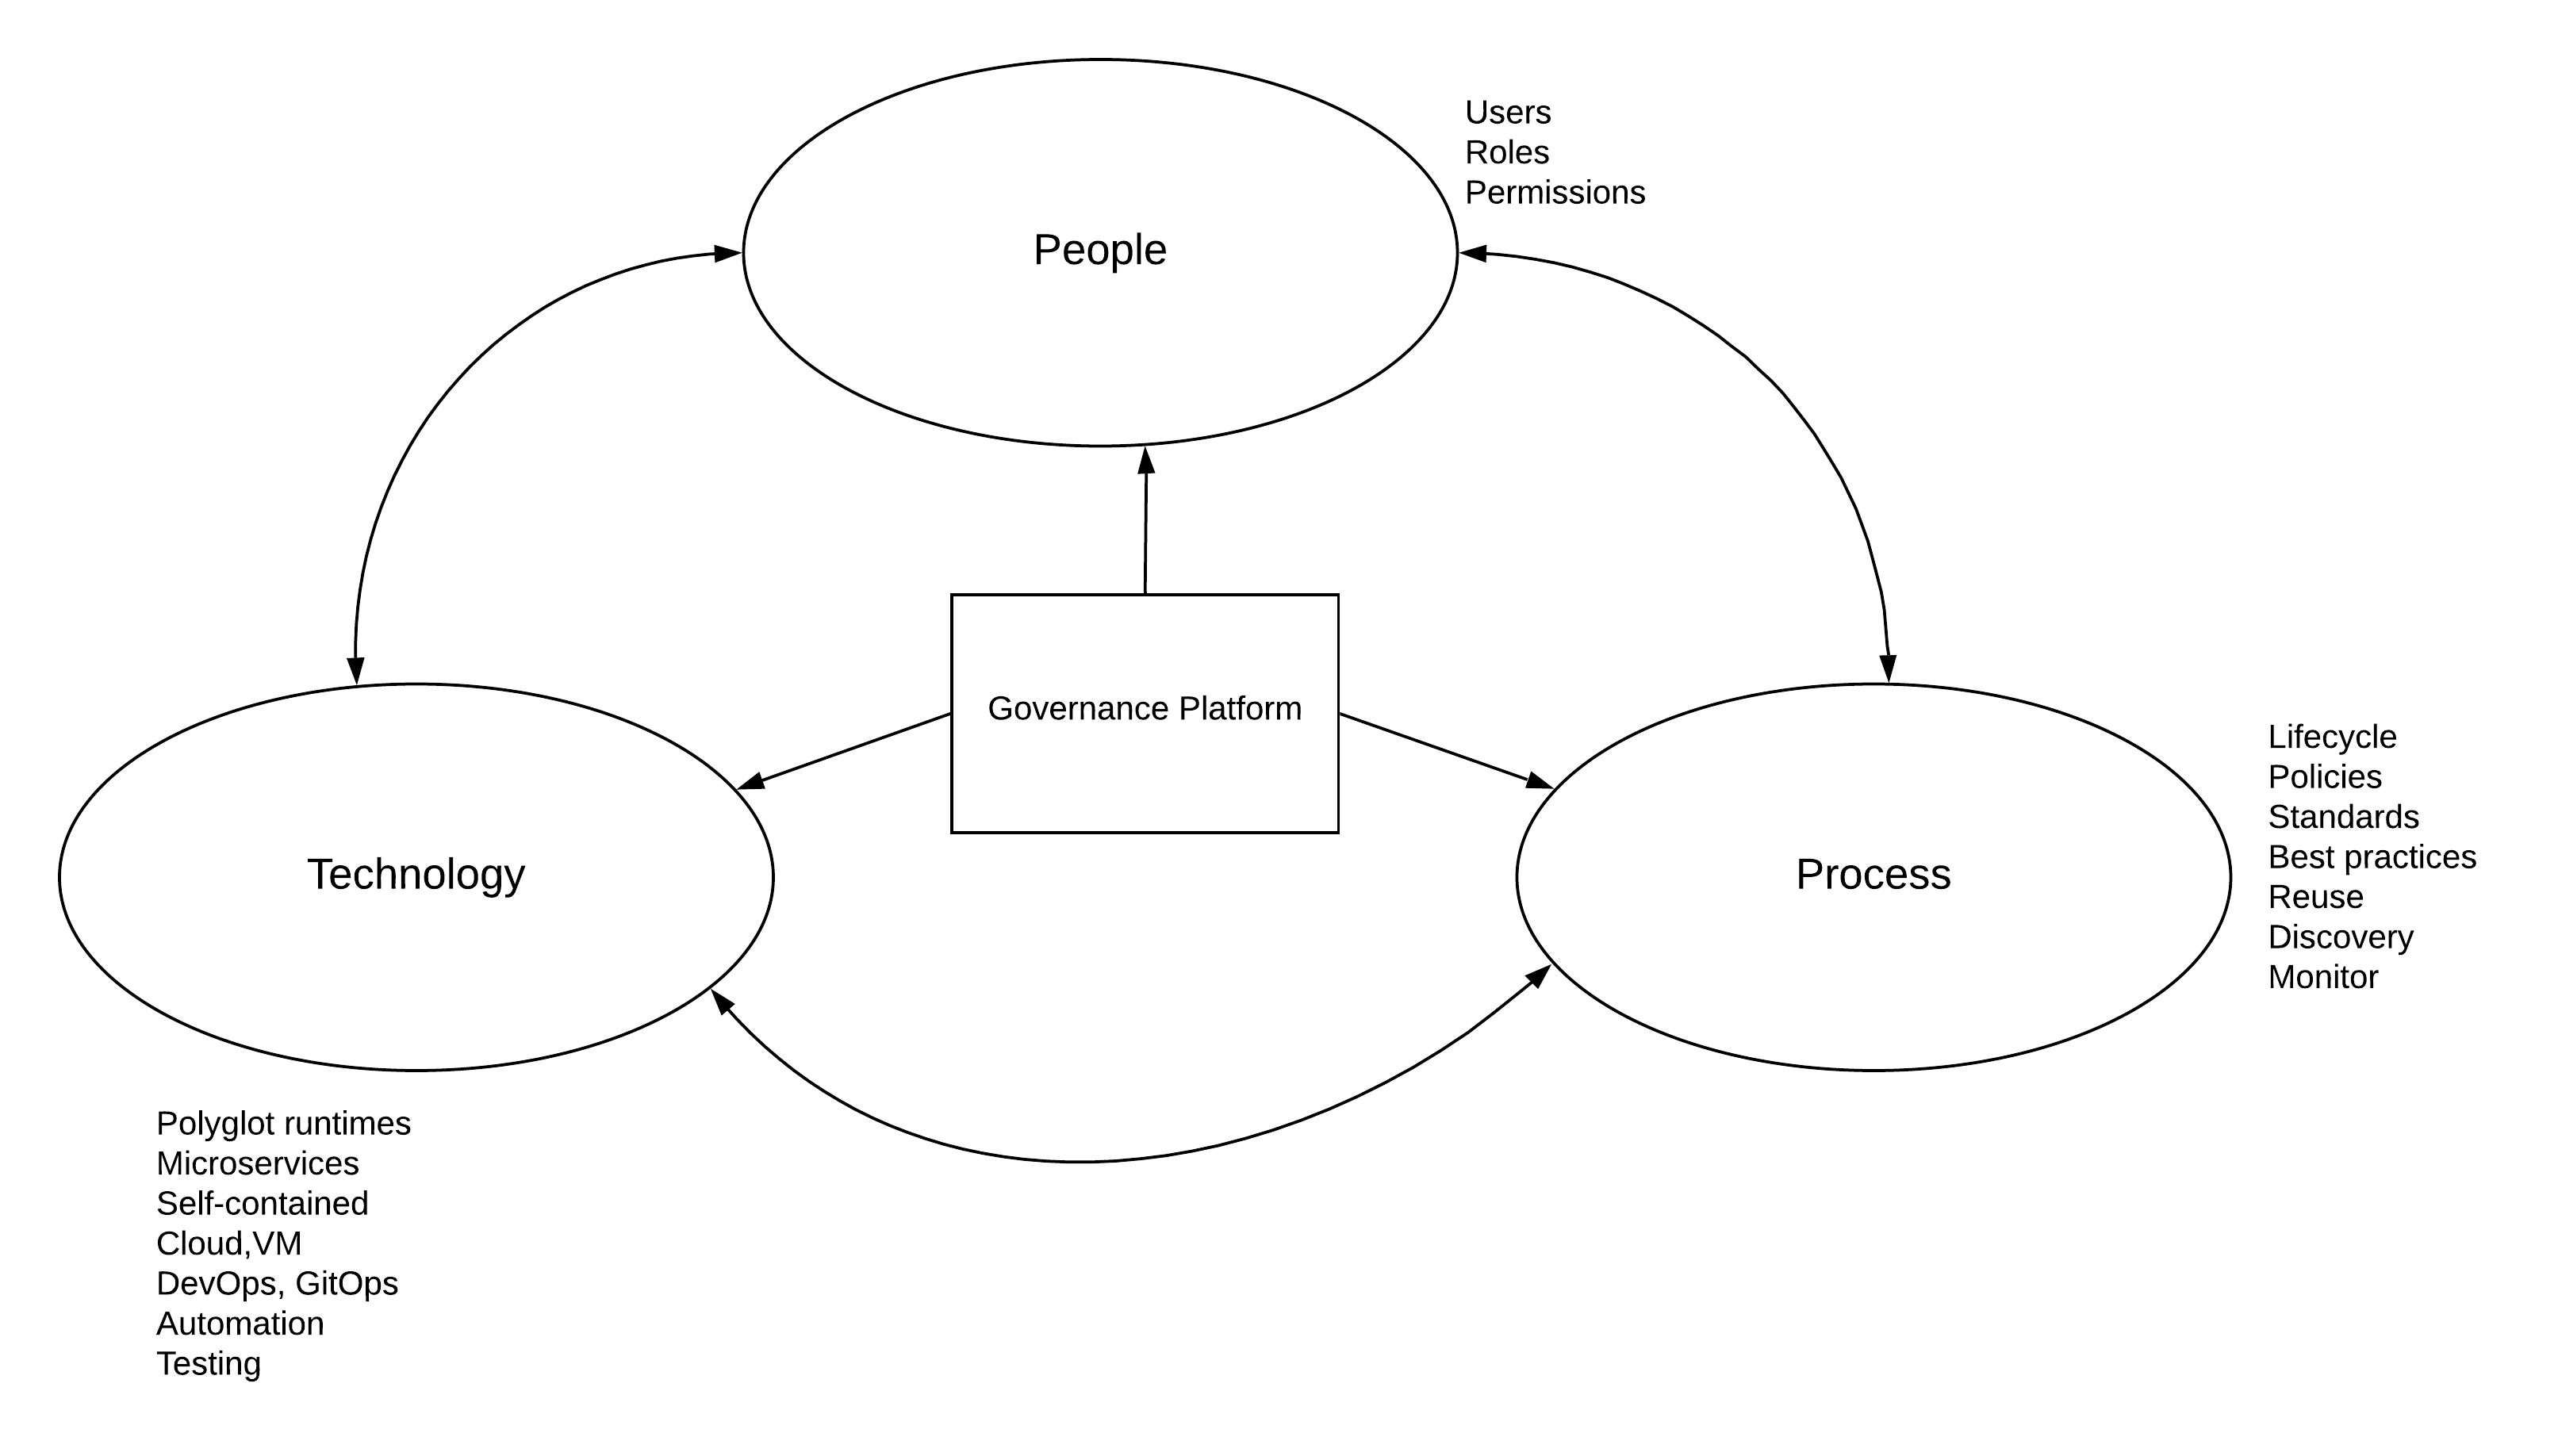 Figure: IT governance in a nutshell